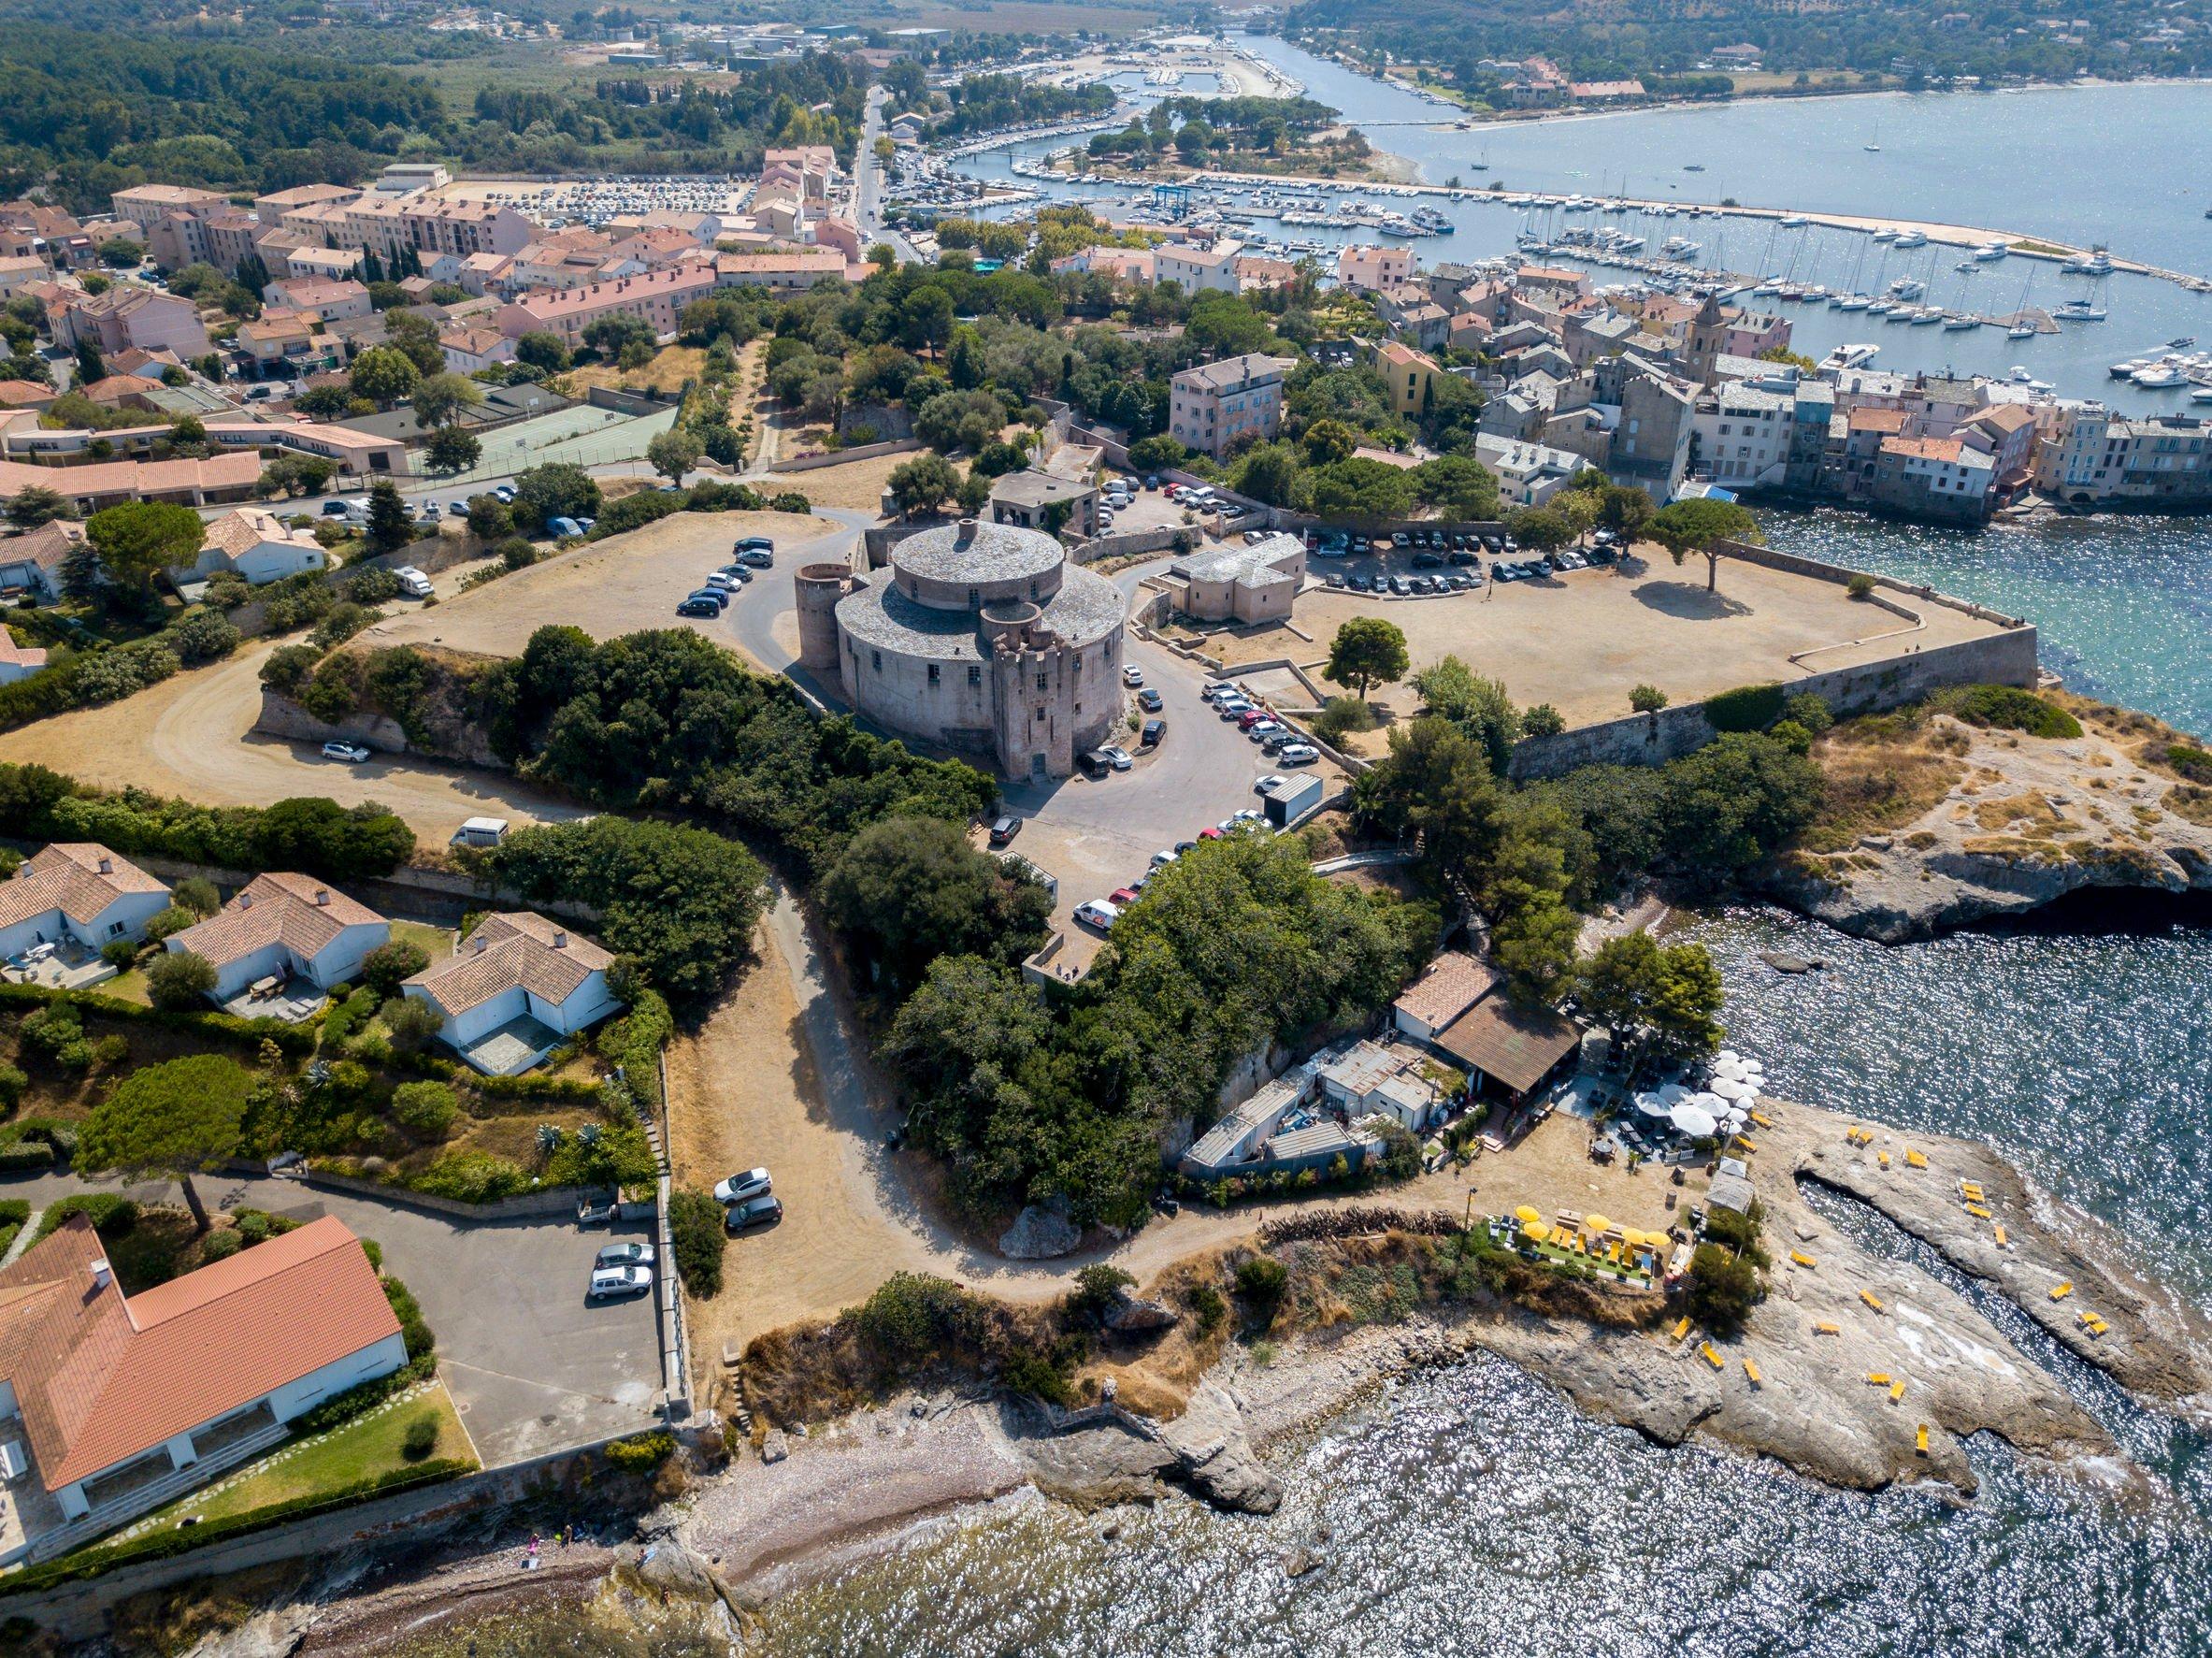 Vue aérienne de Saint-Florent en Corse